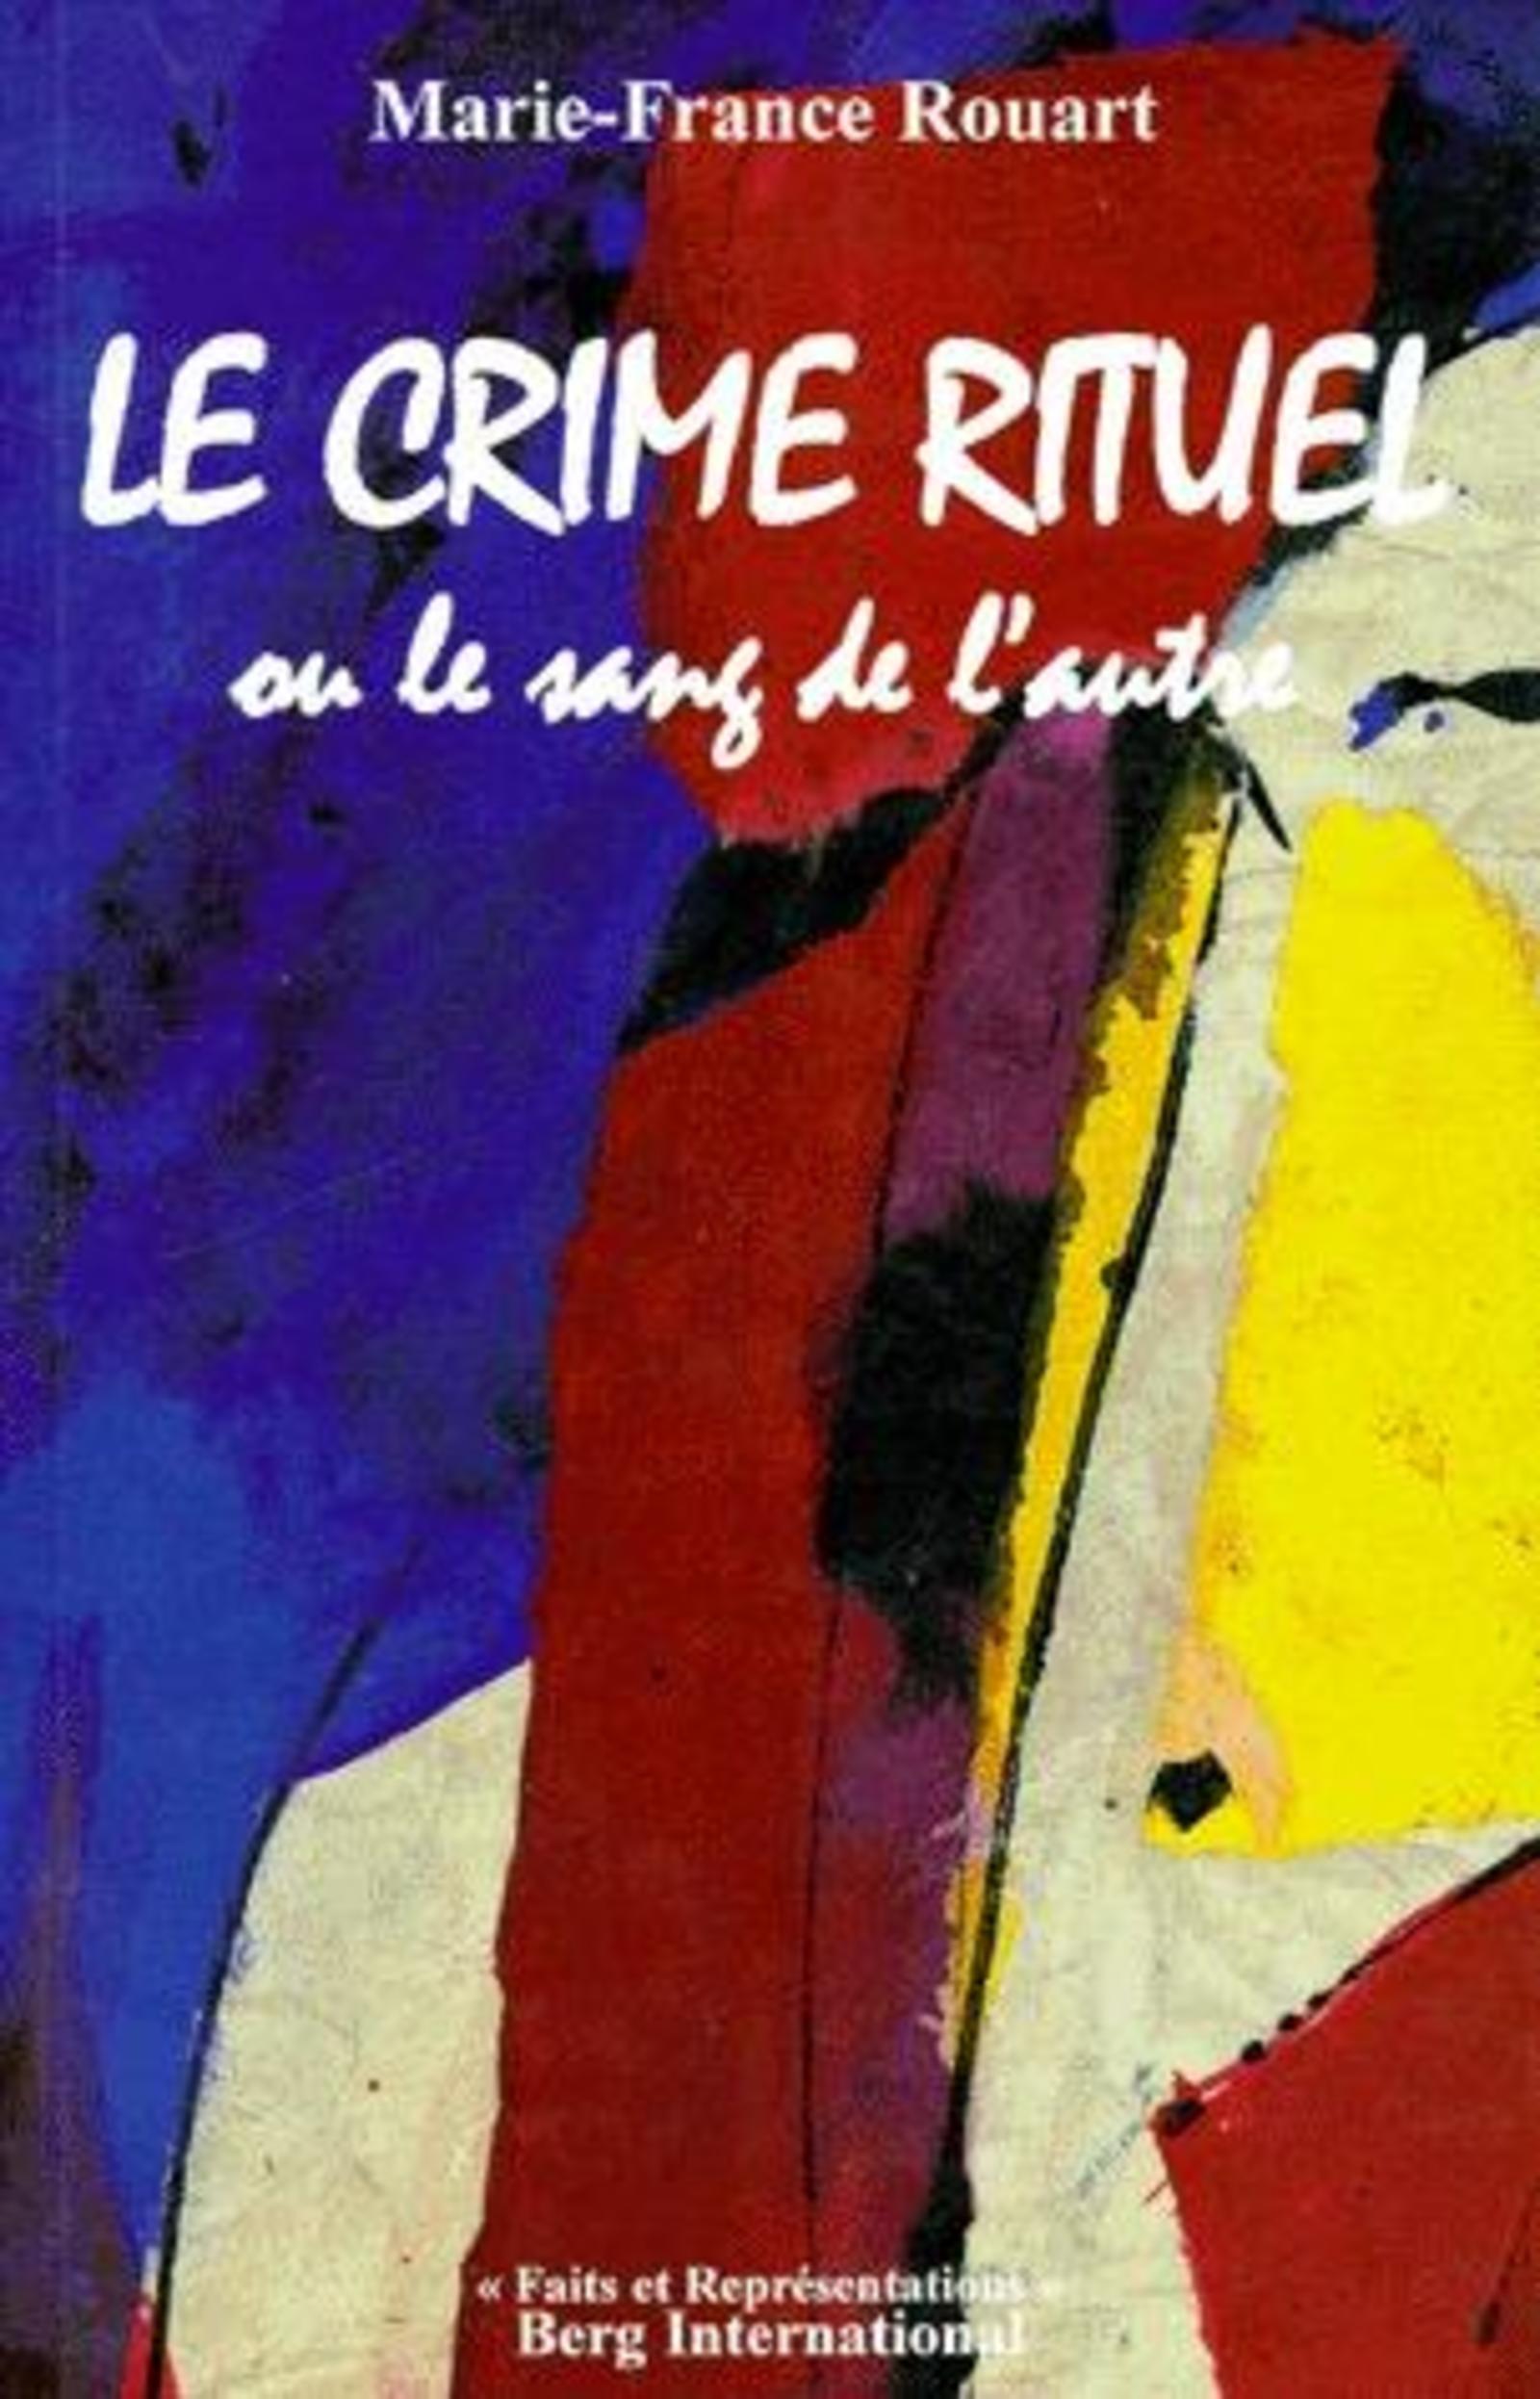 CRIME RITUEL